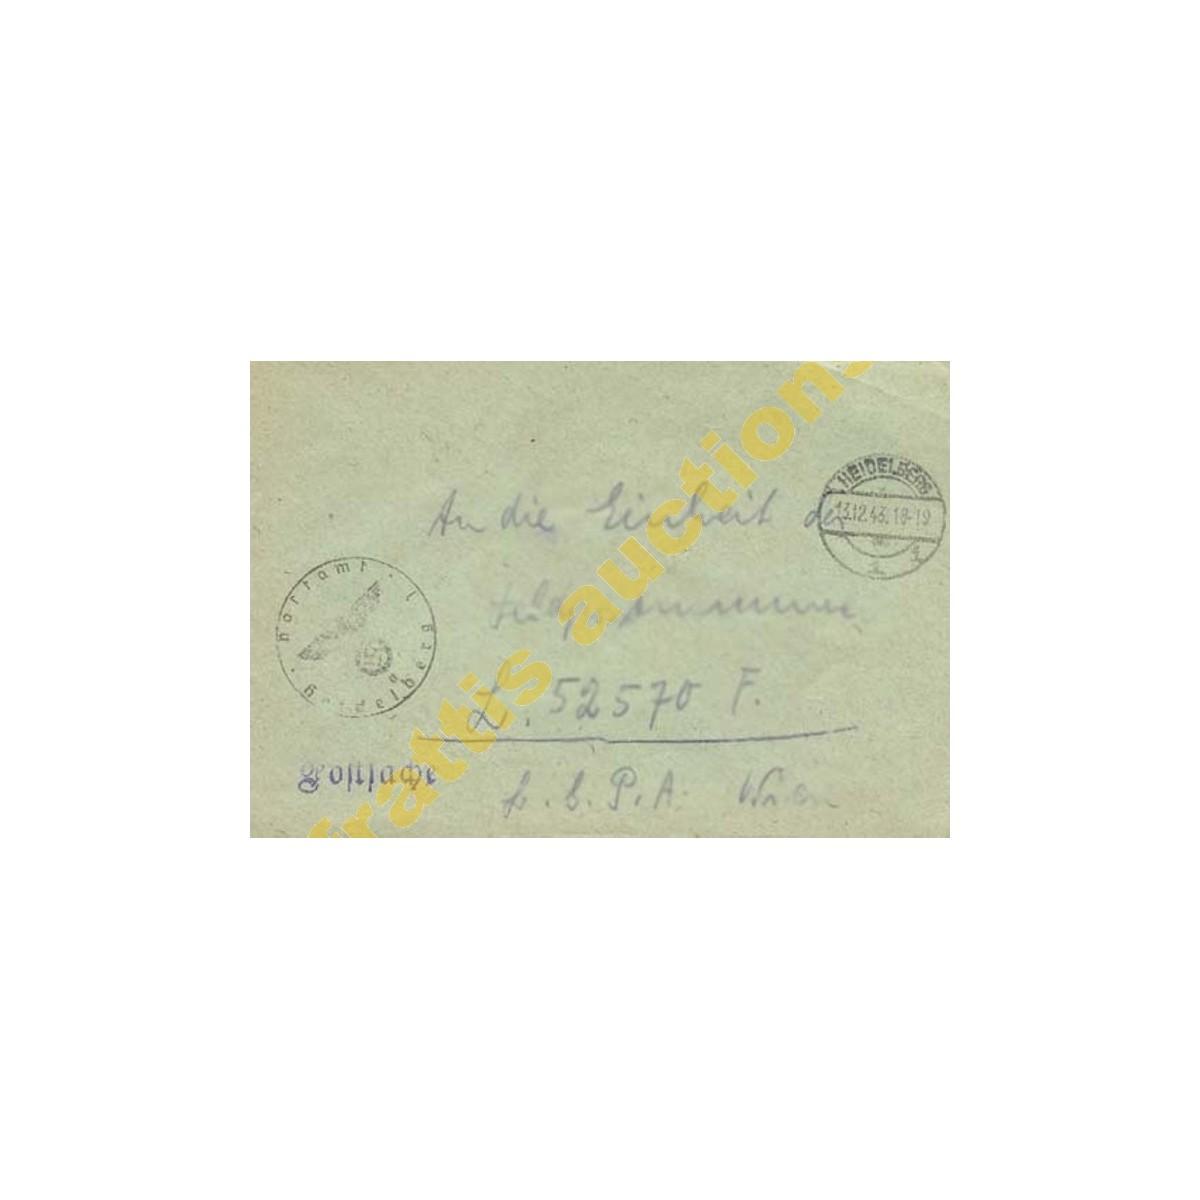 Φάκελος με 2 σφραγίδες HEIDELBERG 13.12.43 .